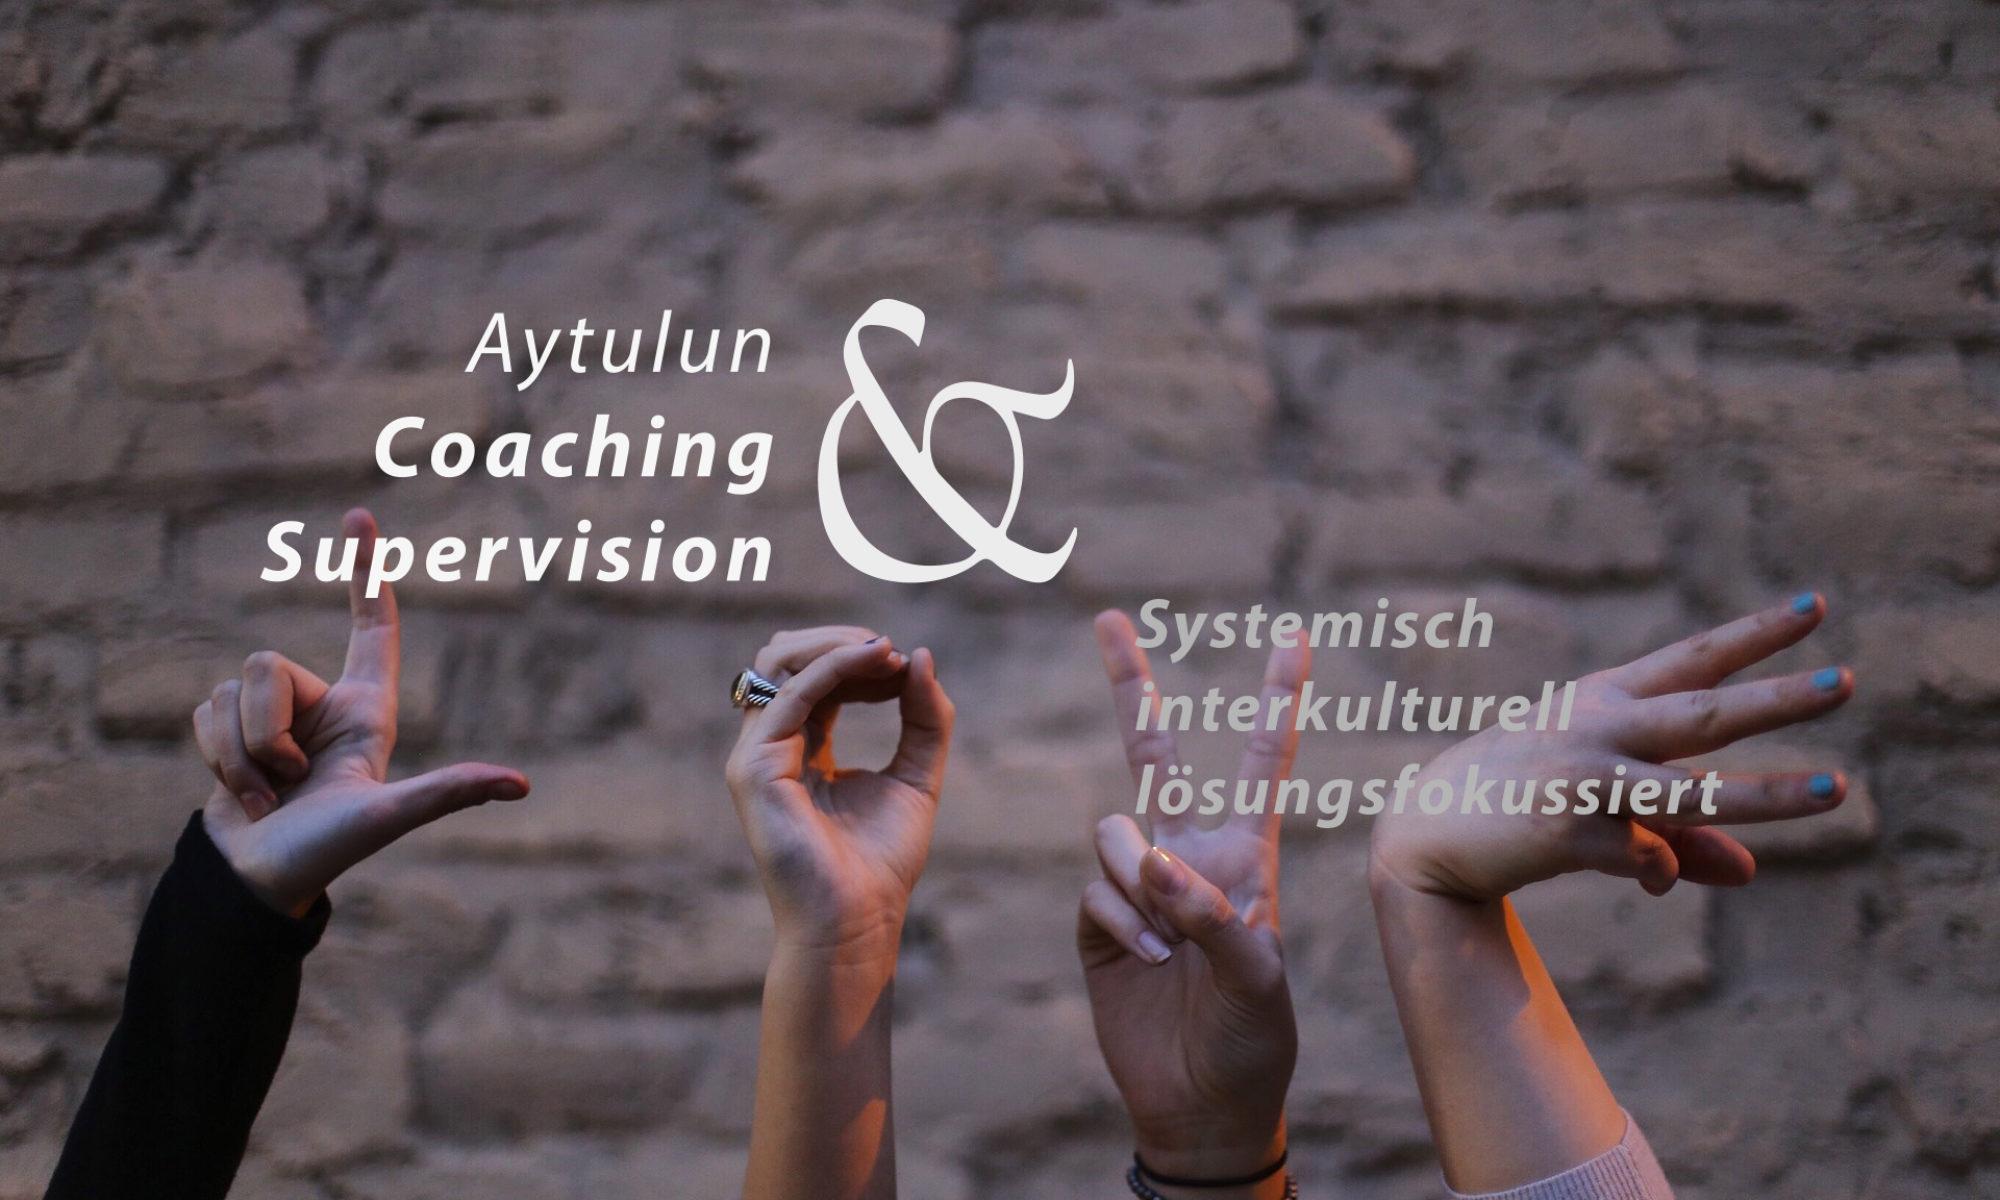 Aytulun Coaching & Supervision | Köln